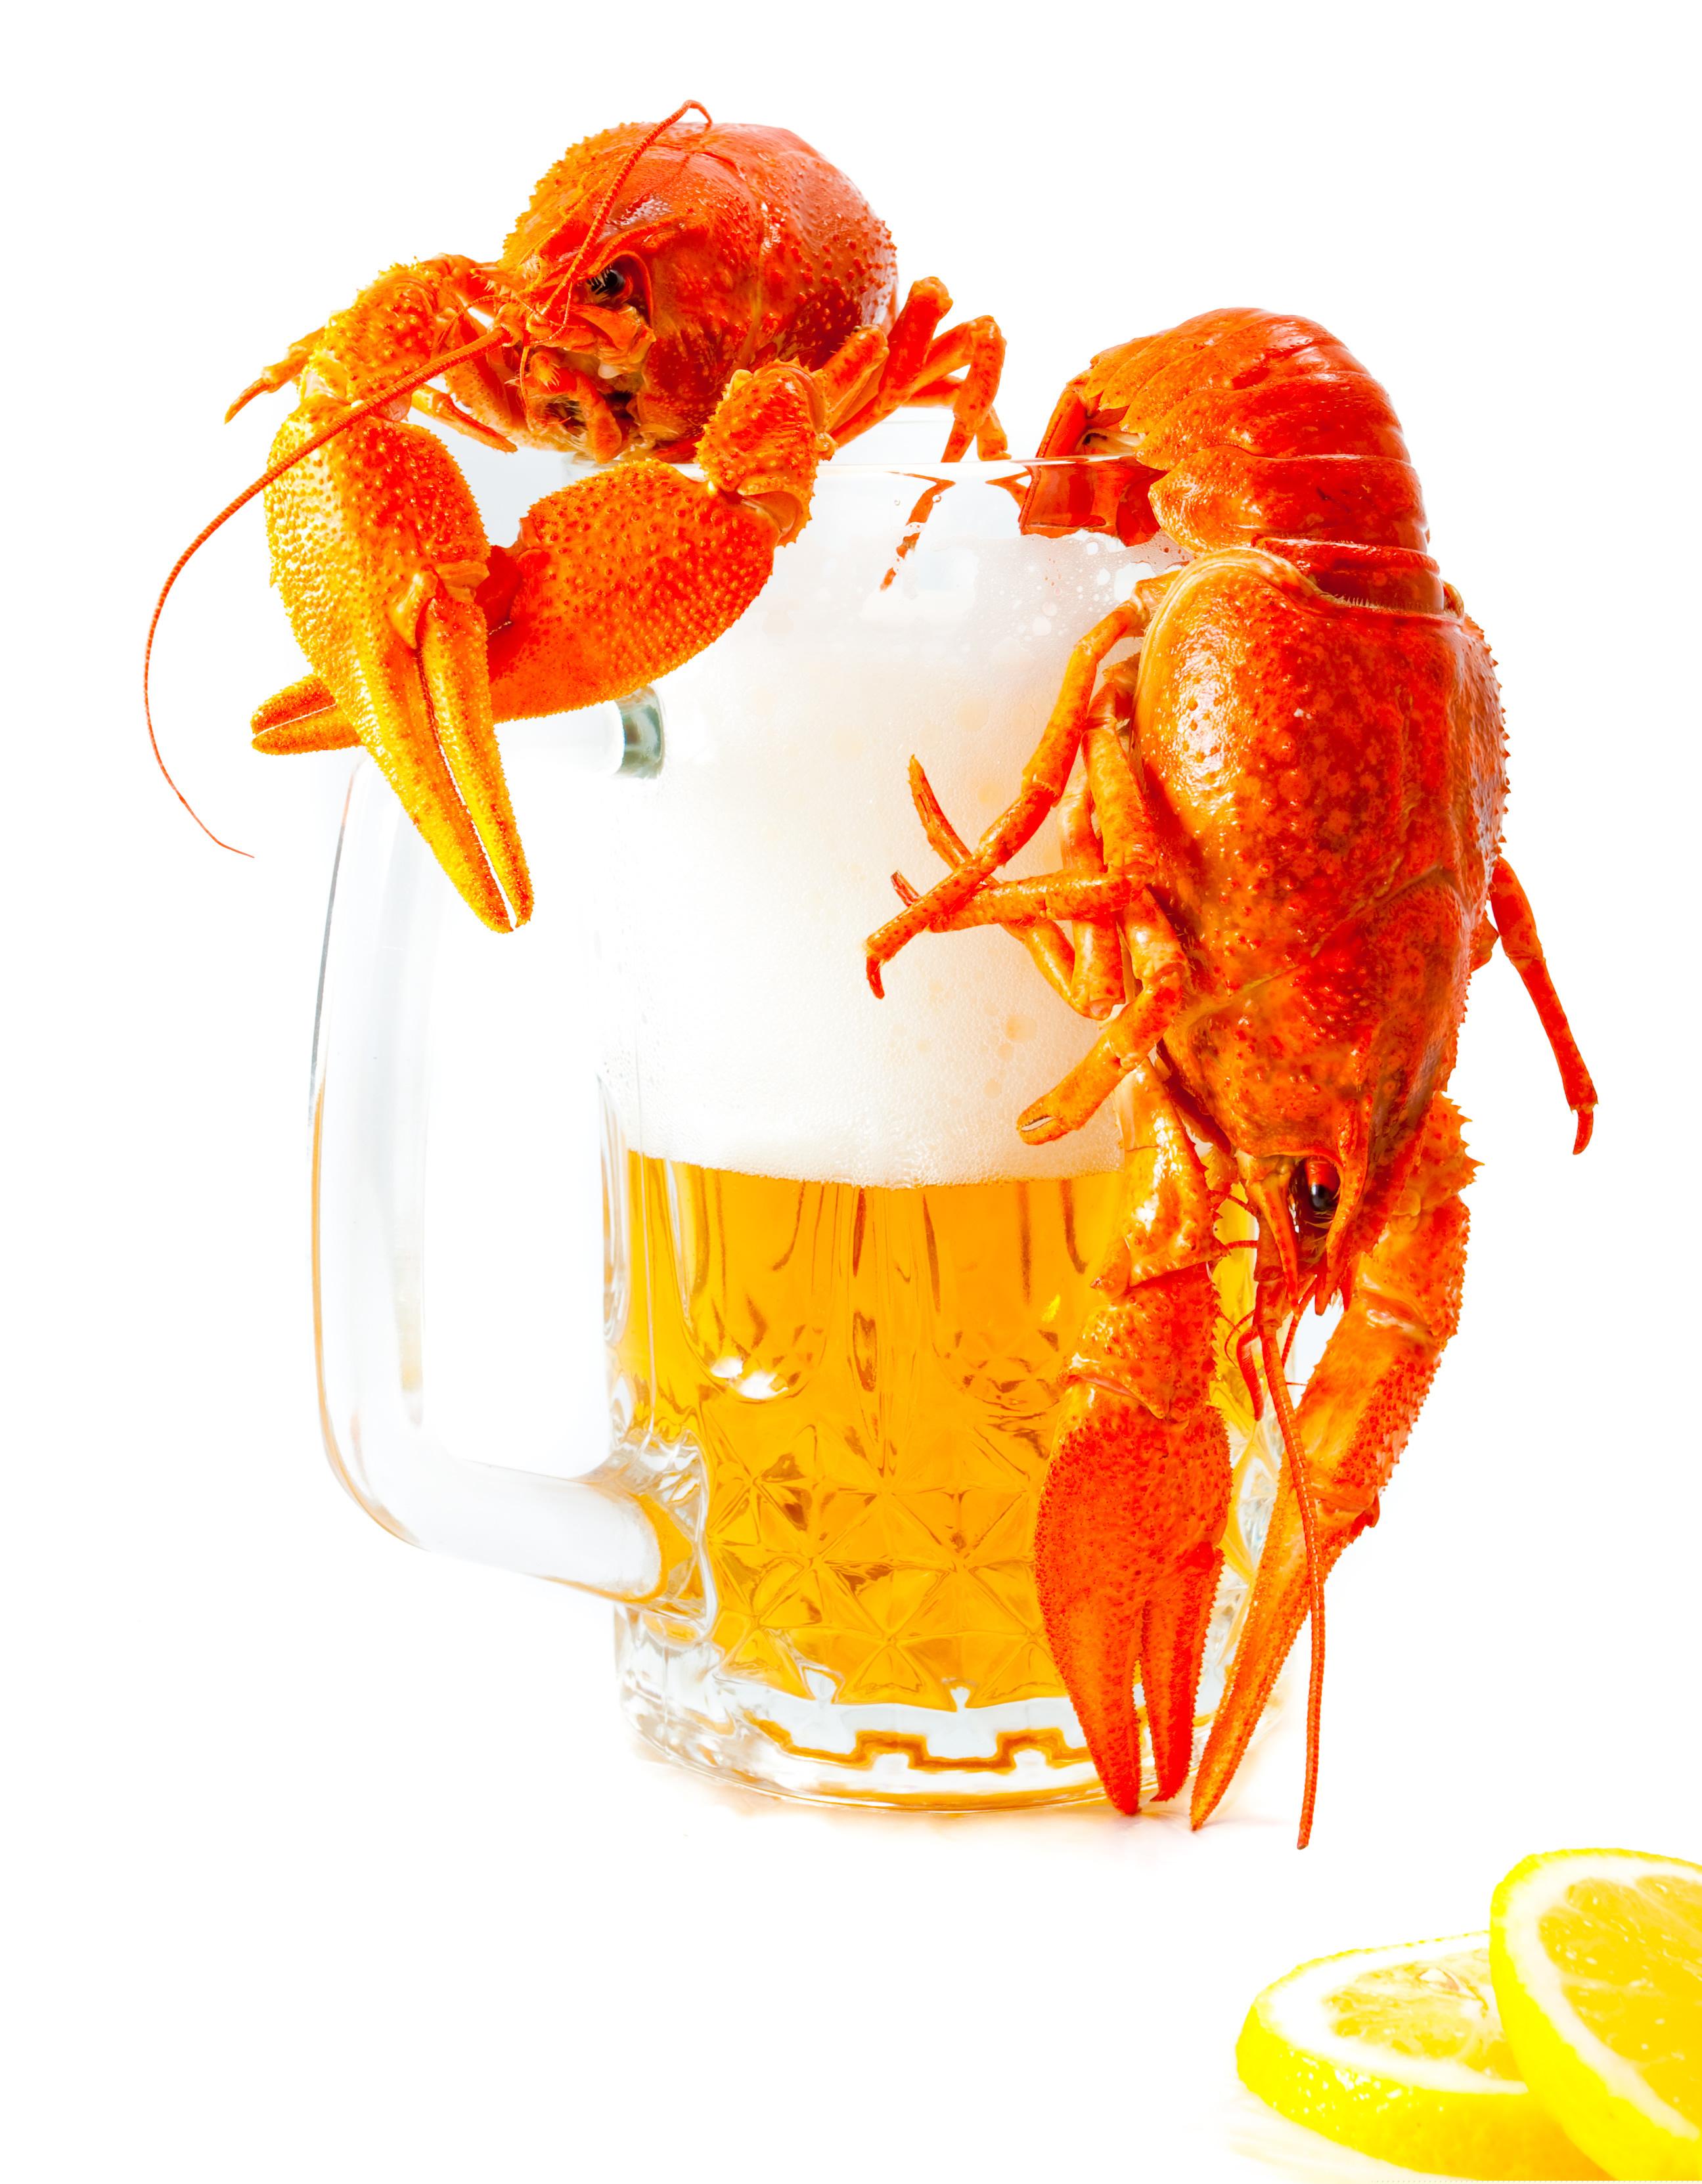 кружка пива с раками, фото, скачать, пиво, обои для рабочего стола